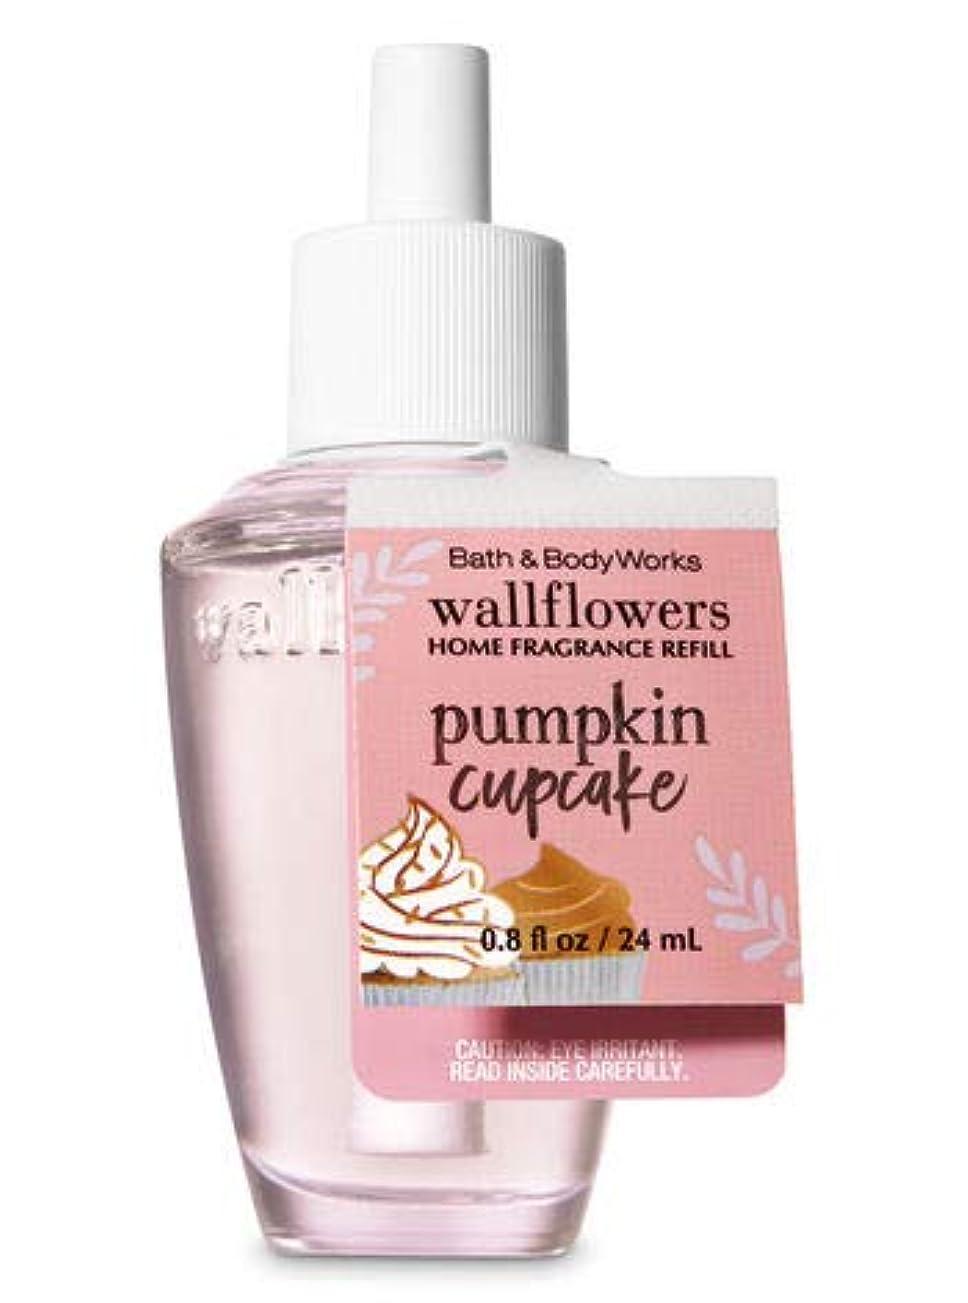 不毛そうでなければページェント【Bath&Body Works/バス&ボディワークス】 ルームフレグランス 詰替えリフィル パンプキンカップケーキ Wallflowers Home Fragrance Refill Pumpkin Cupcake [並行輸入品]